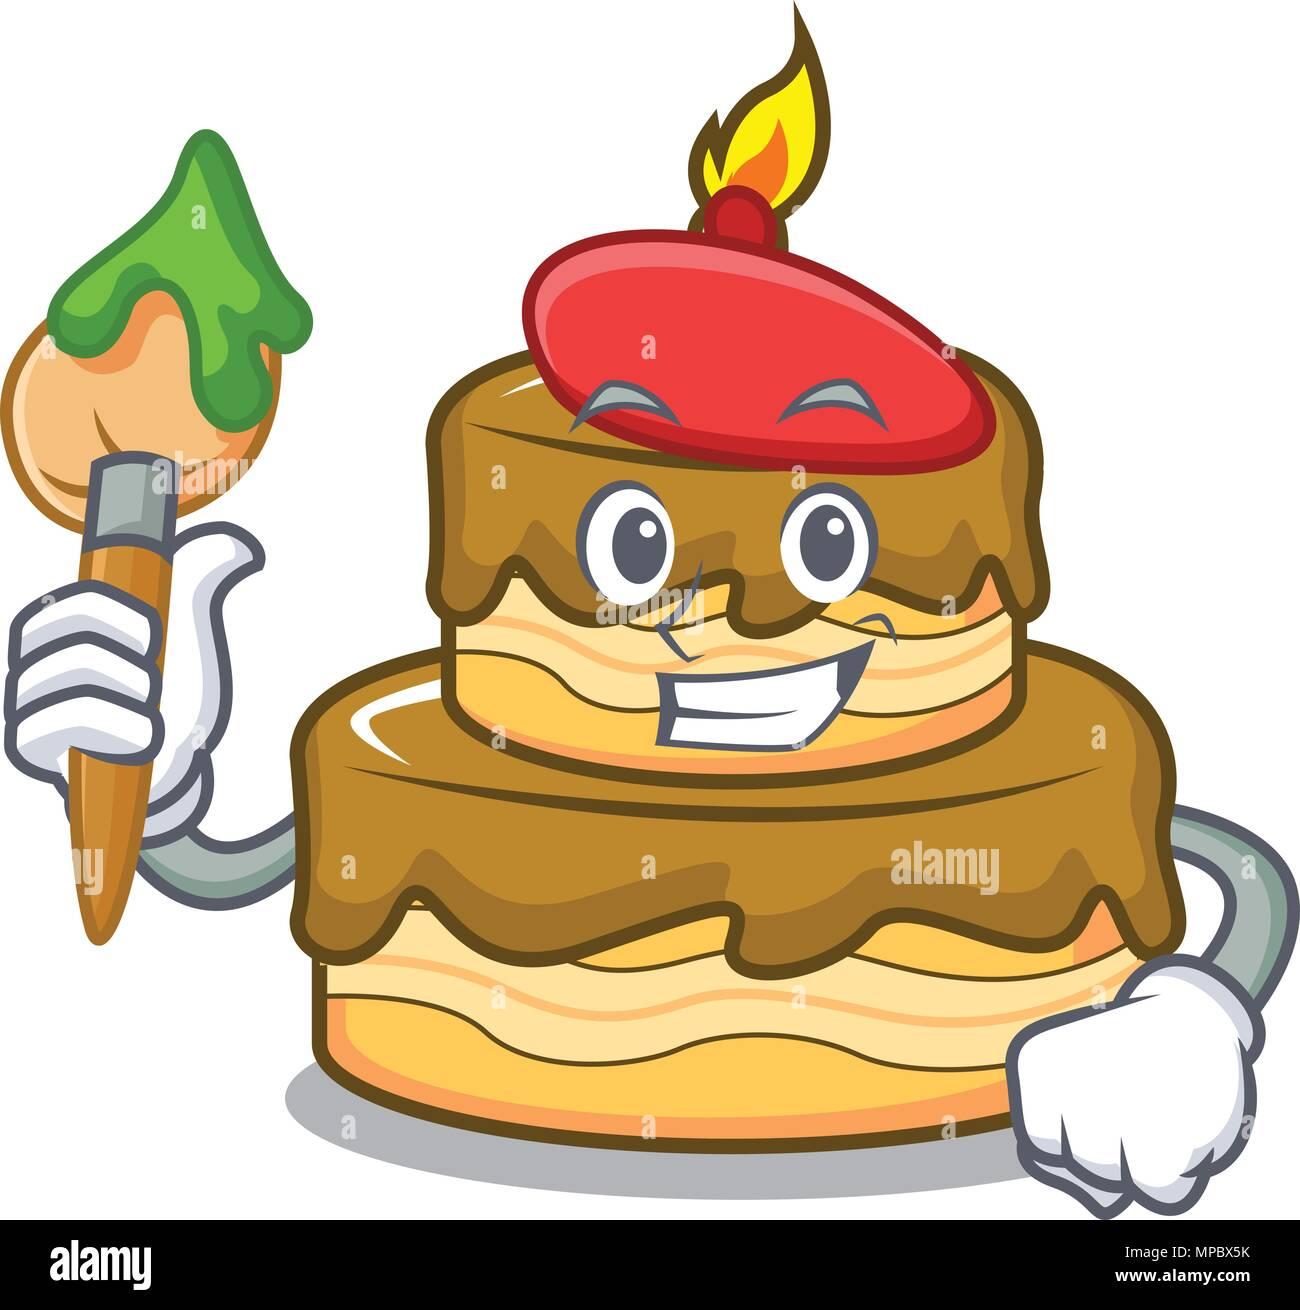 Artist Birthday Cake Character Cartoon